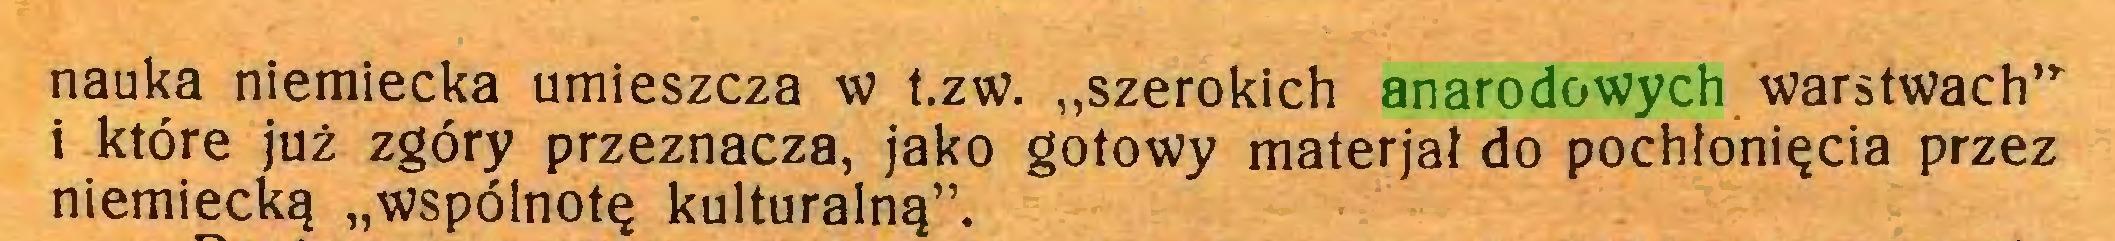 """(...) nauka niemiecka umieszcza w t.zw. """"szerokich anarodowych warstwach""""i które już zgóry przeznacza, jako gotowy materjał do pochłonięcia przez niemiecką """"wspólnotę kulturalną""""..."""